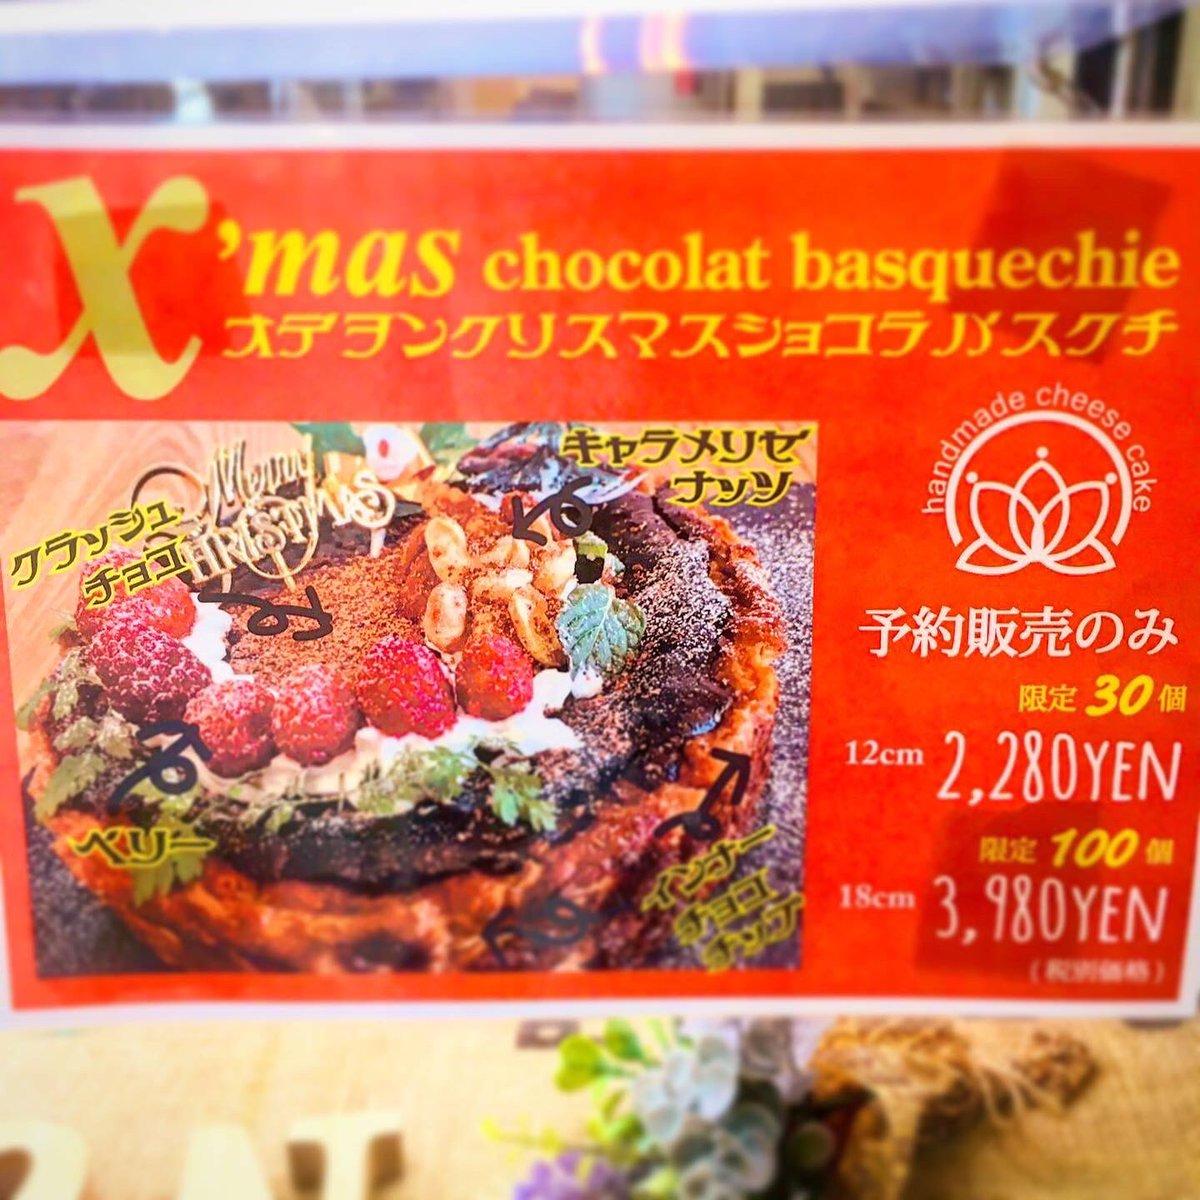 12.08(Sun)  こんにちは☺︎🧀 とっても良いお天気ですね!  本日オープンしております!  クリスマスケーキのご予約を開始しました! ショコラバージョンになったバスクチ、是非お試しください!⁽⁽٩(๑˃̶͈̀ ᗨ ˂̶͈́)۶⁾⁾ 数に限りがございますので、お早目にご予約ください❁︎ https://t.co/bwgOwMIIQl